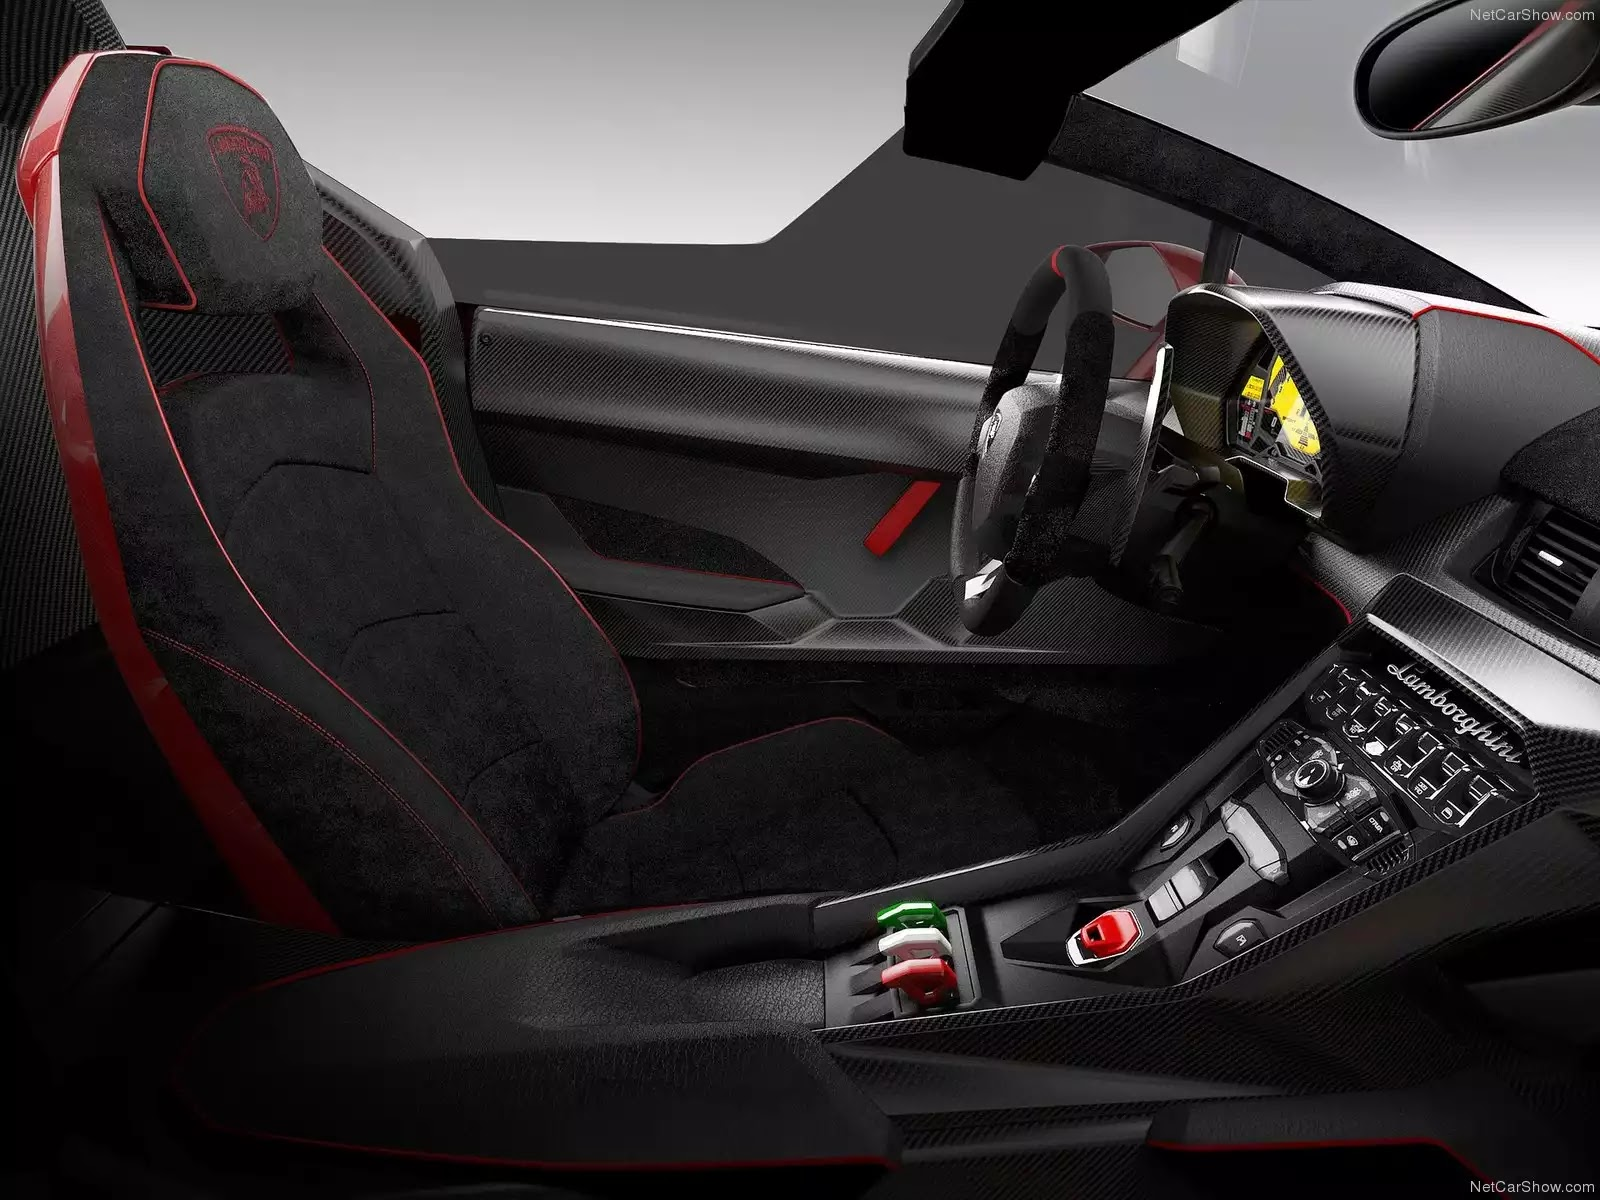 Hình ảnh siêu xe Lamborghini Veneno Roadster 2014 & nội ngoại thất